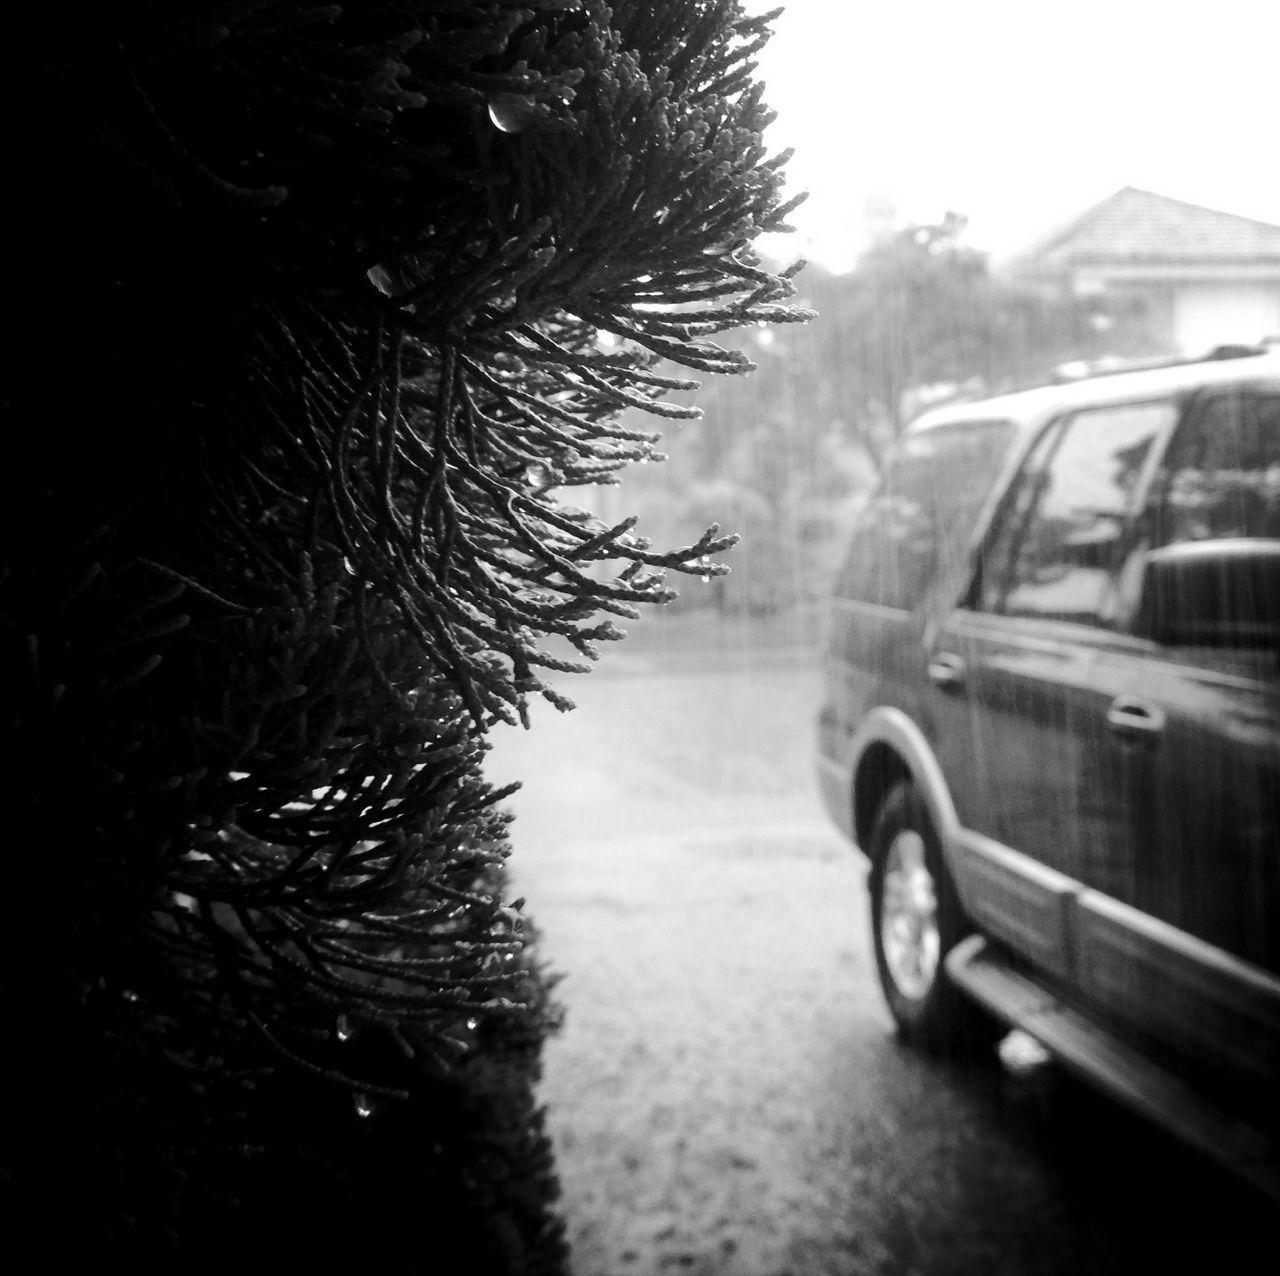 Raindrops Blackandwhite